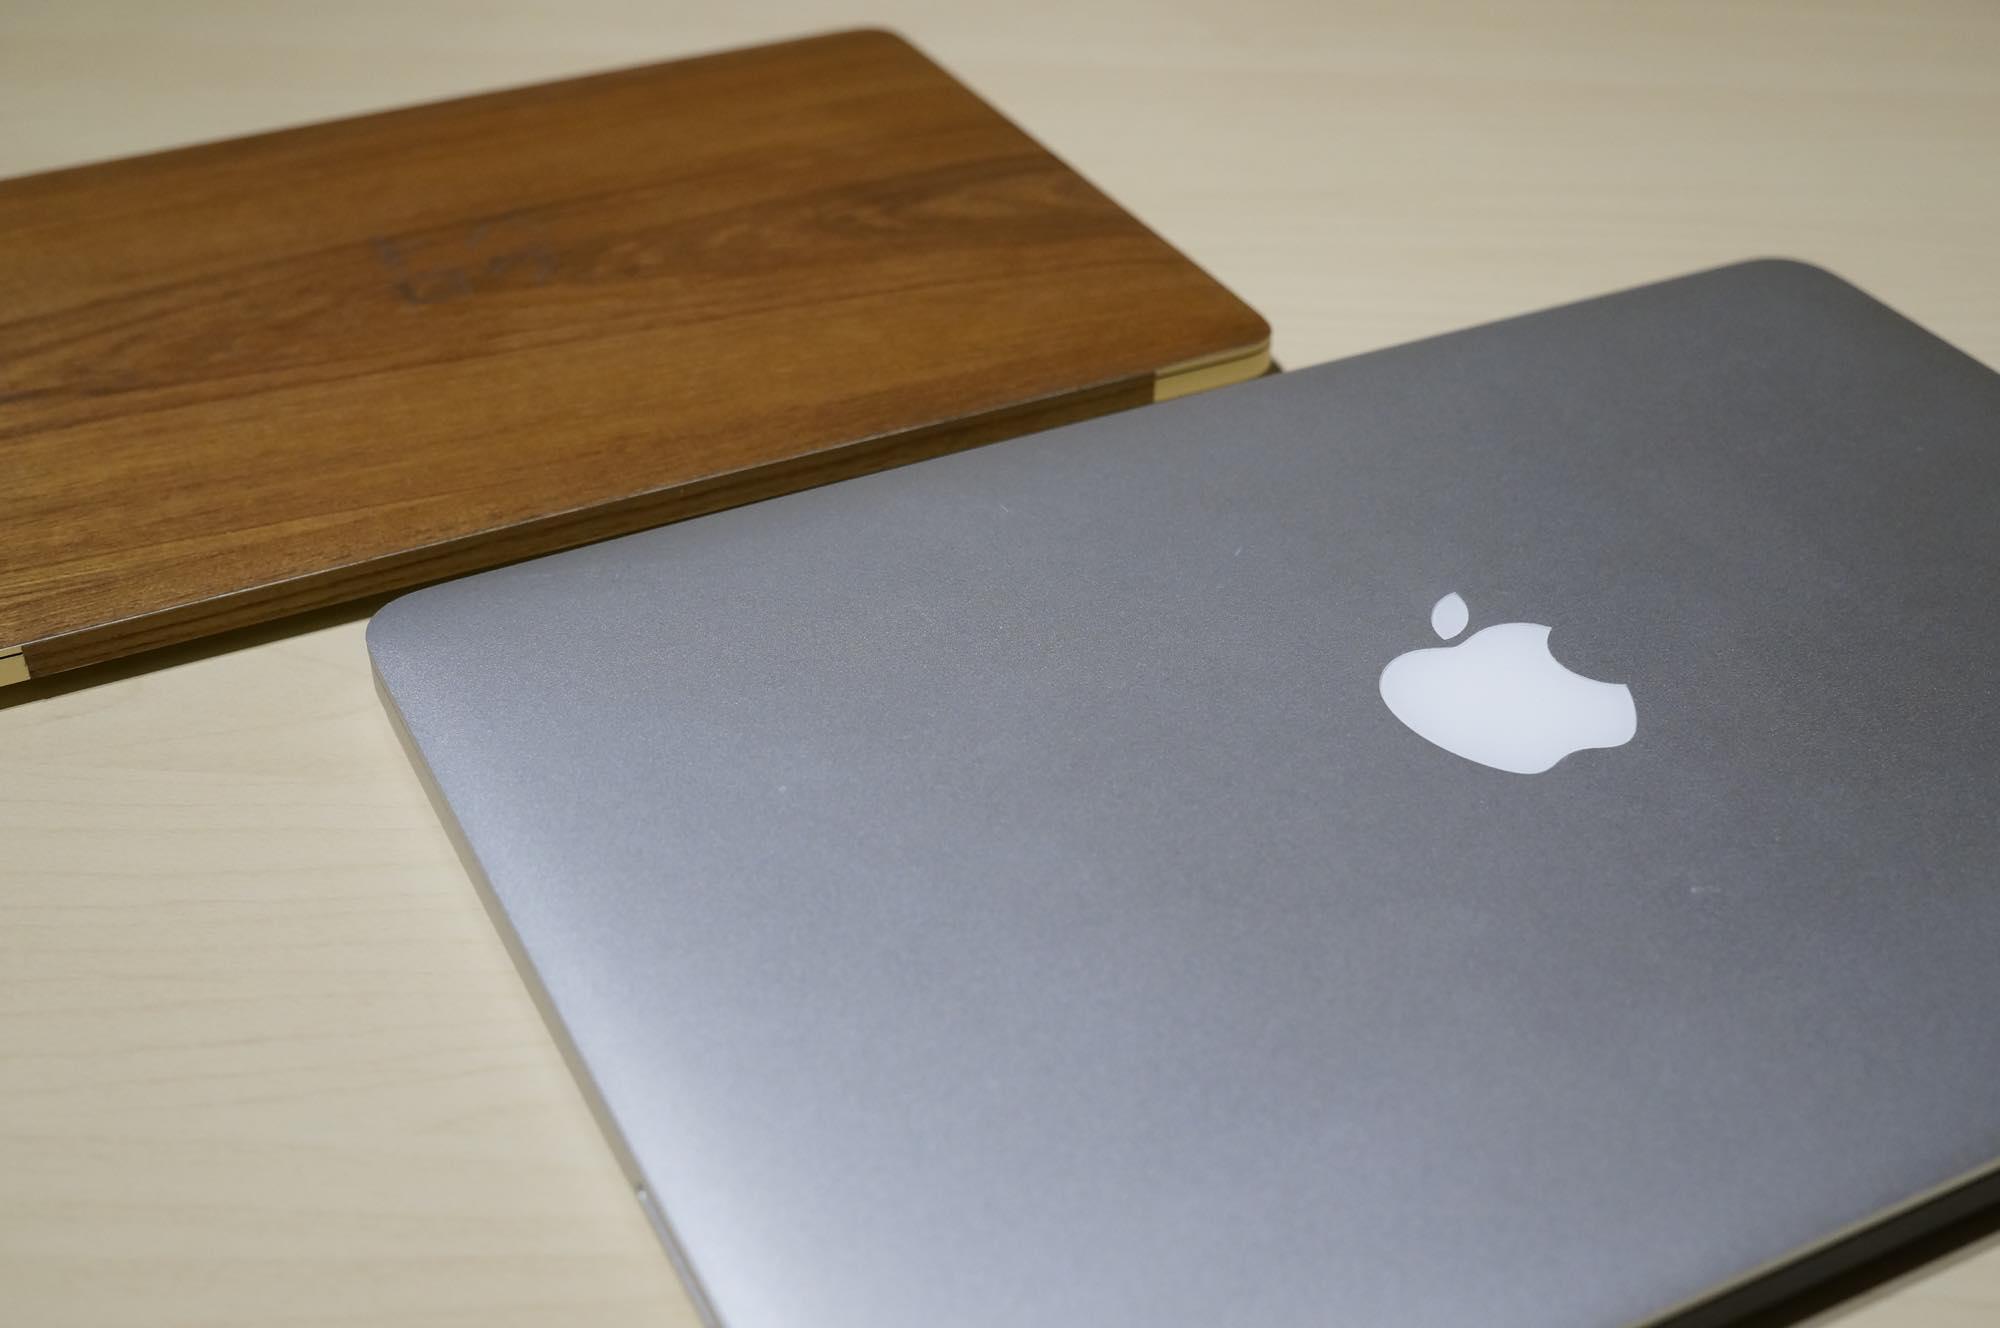 Macbook-mbp134